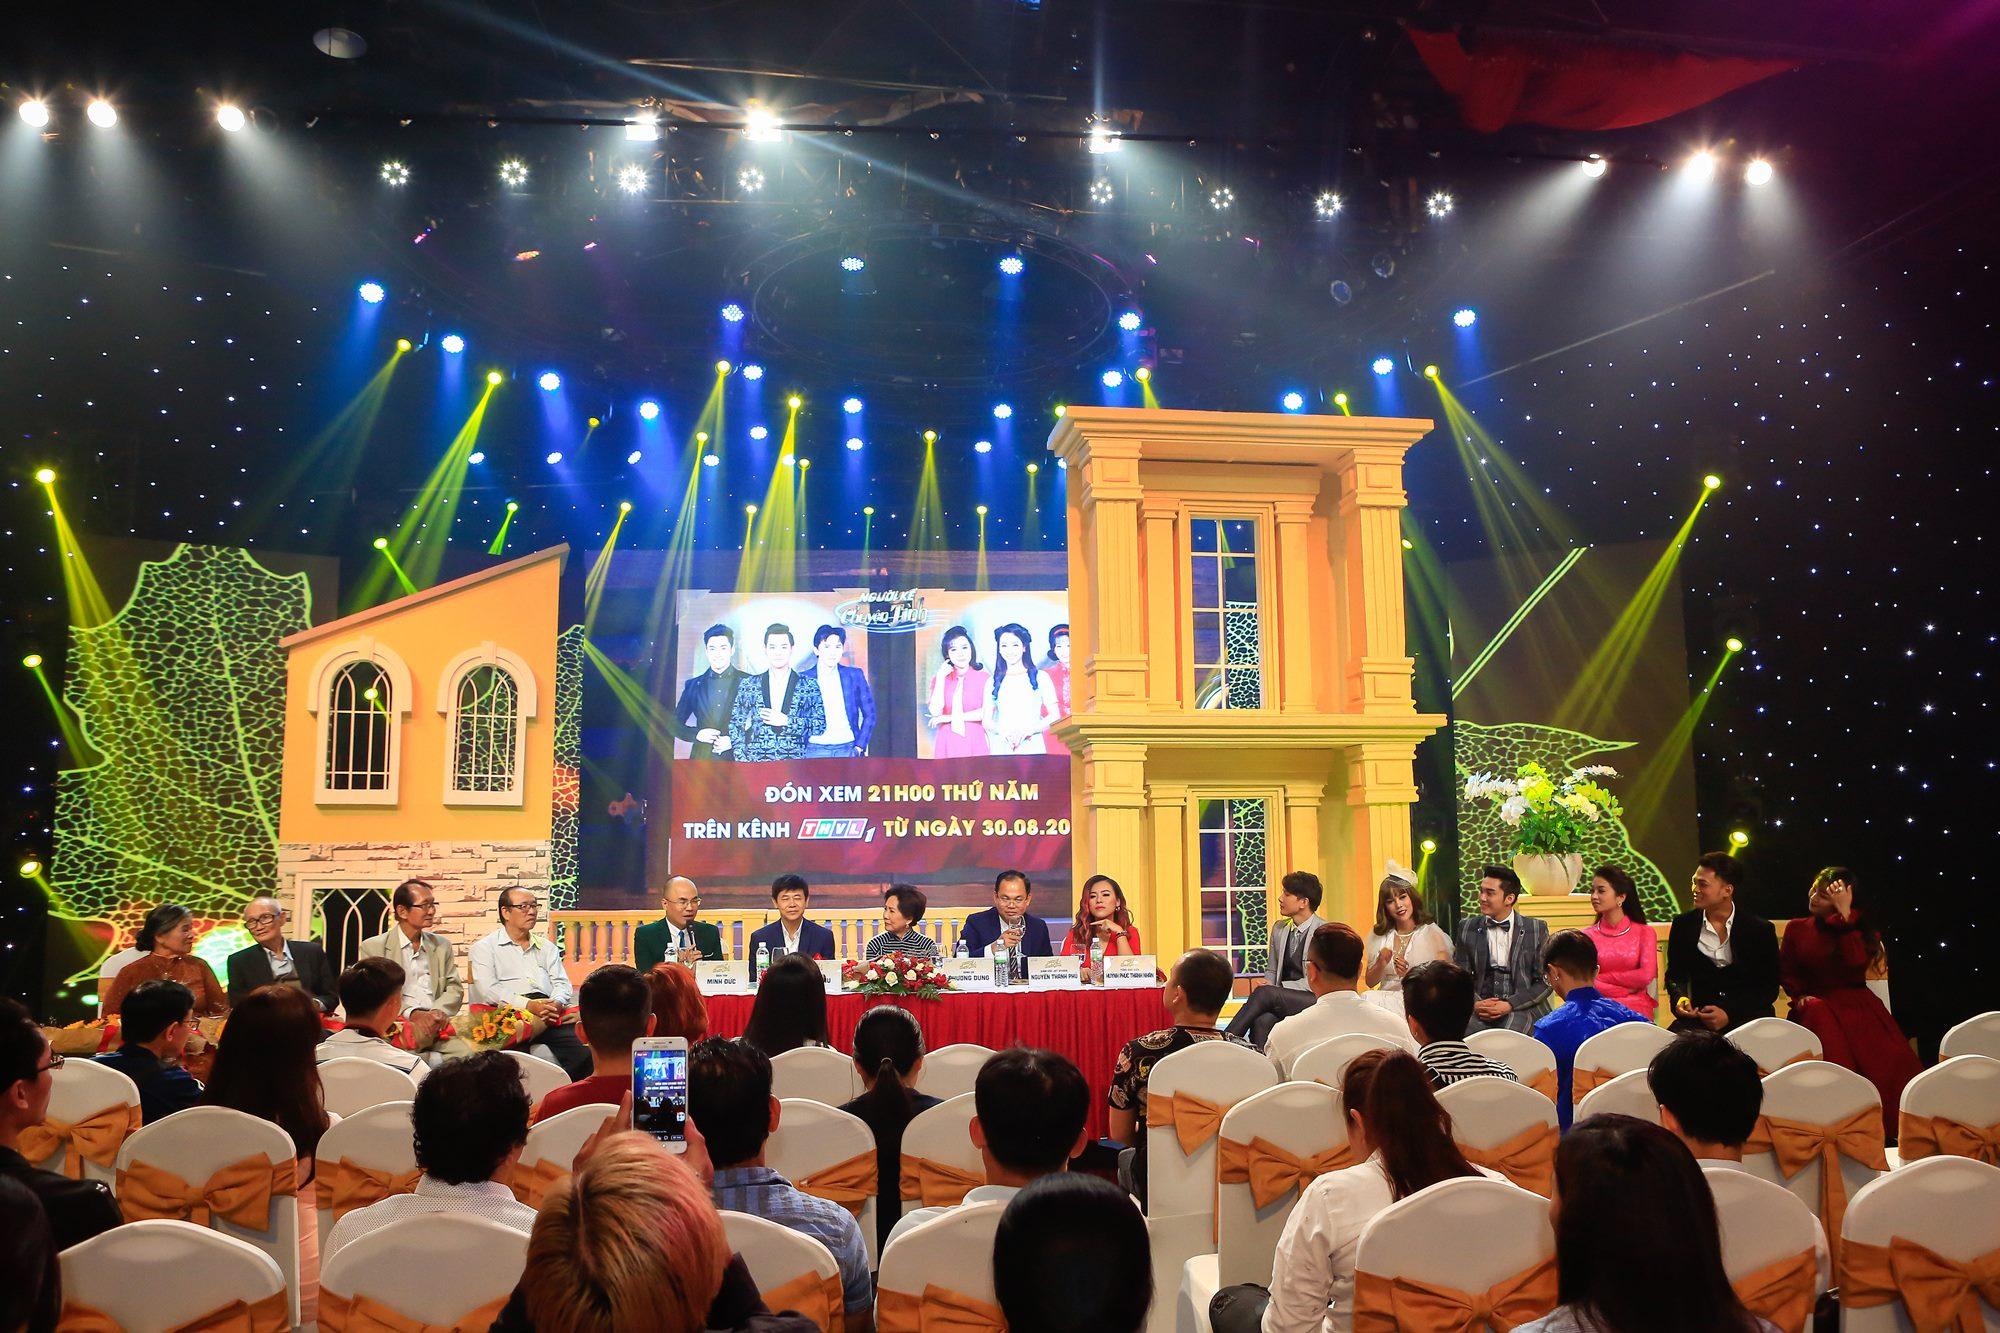 Quang canh Hop bao NKCT (1)